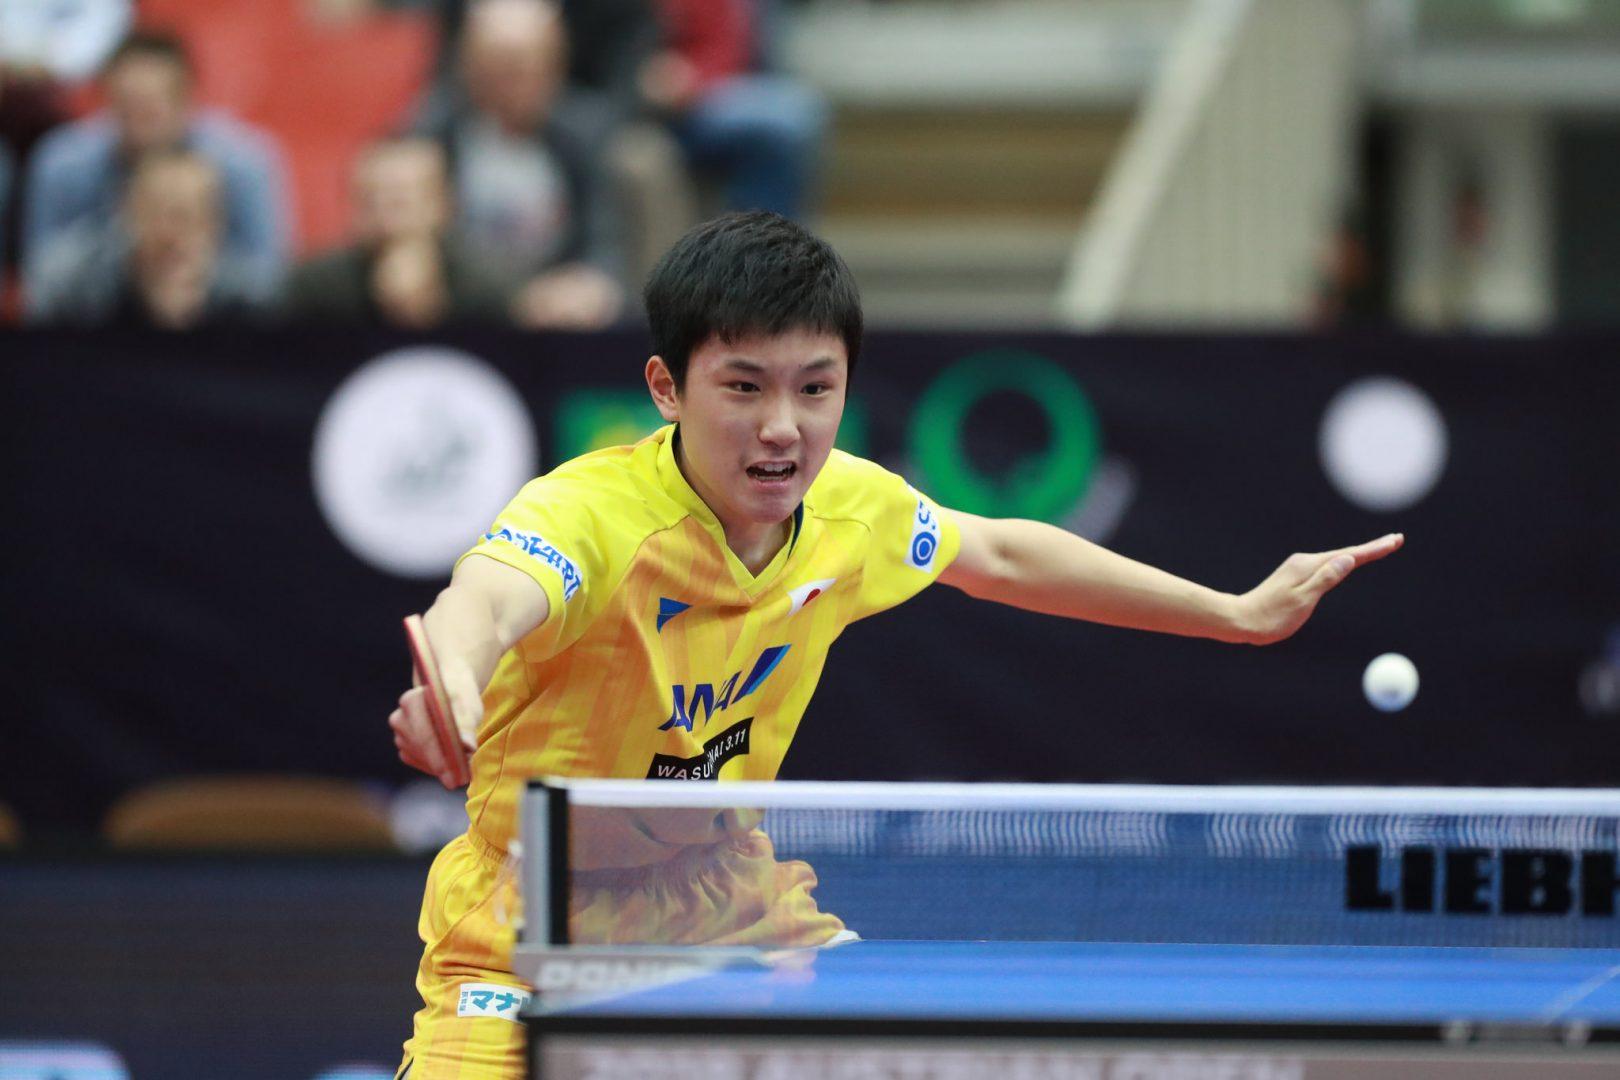 【卓球】張本智和が自己最高の5位|男子世界ランキング(12月最新発表)